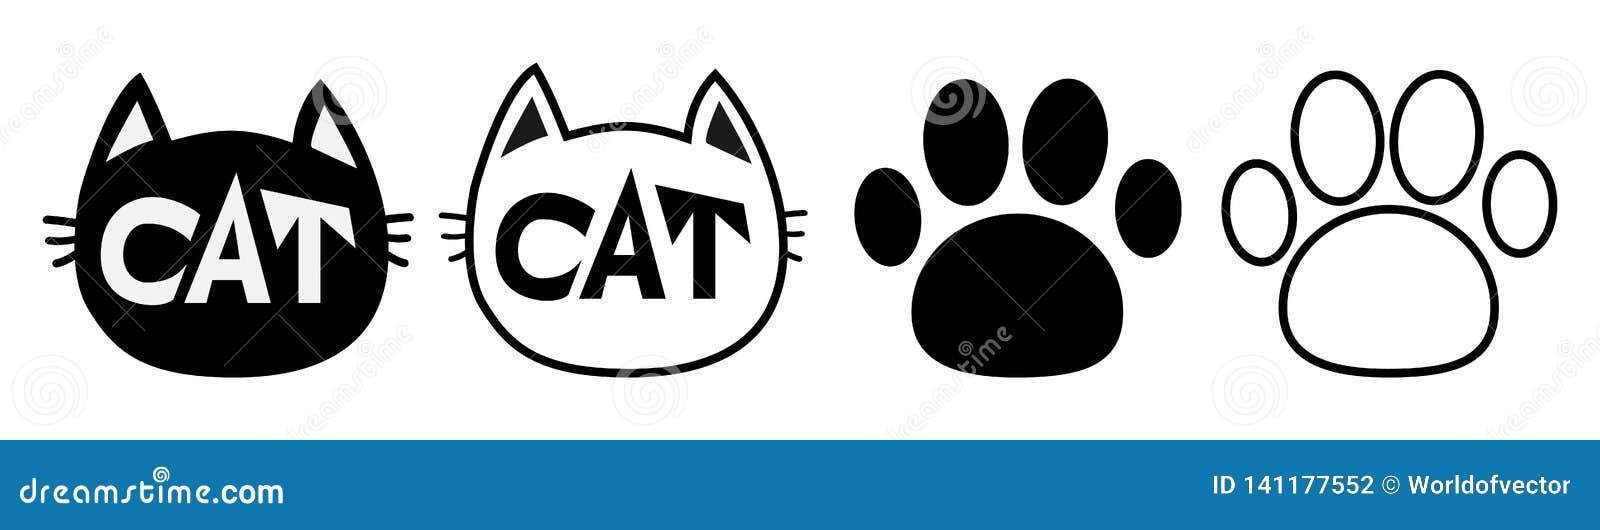 GESICHTSkonturnschattenbildikonen-Satzlinie der schwarzen Katze Haupt pictogram Leere Schablone Pfotenabdruckbahn Nette lustige Z